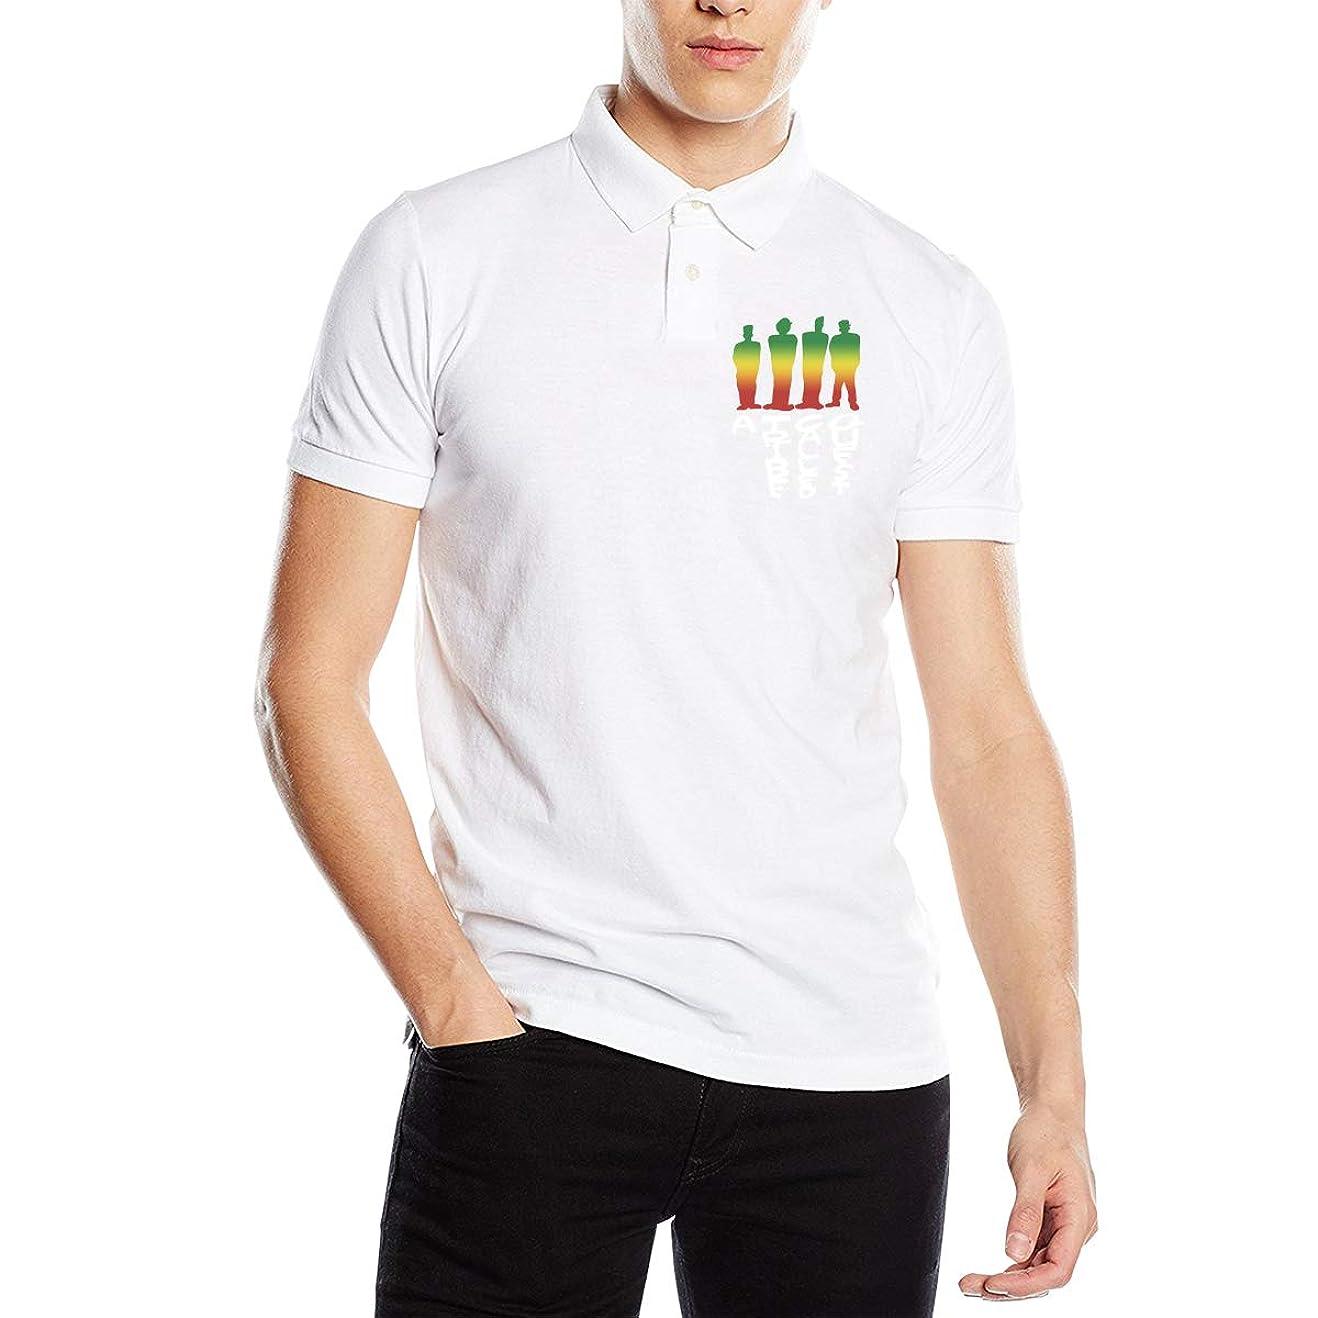 マウントバンク修羅場間ポロシャツ 半袖 夏用メンズシャツ アトライブコールドクエスト ボタンダウンポロシャツ スポーツウェア Tシャツ ティーシャツ シンプル カジュアル 通気性 吸汗性 快適 無地 薄手 テニス ゴルフ